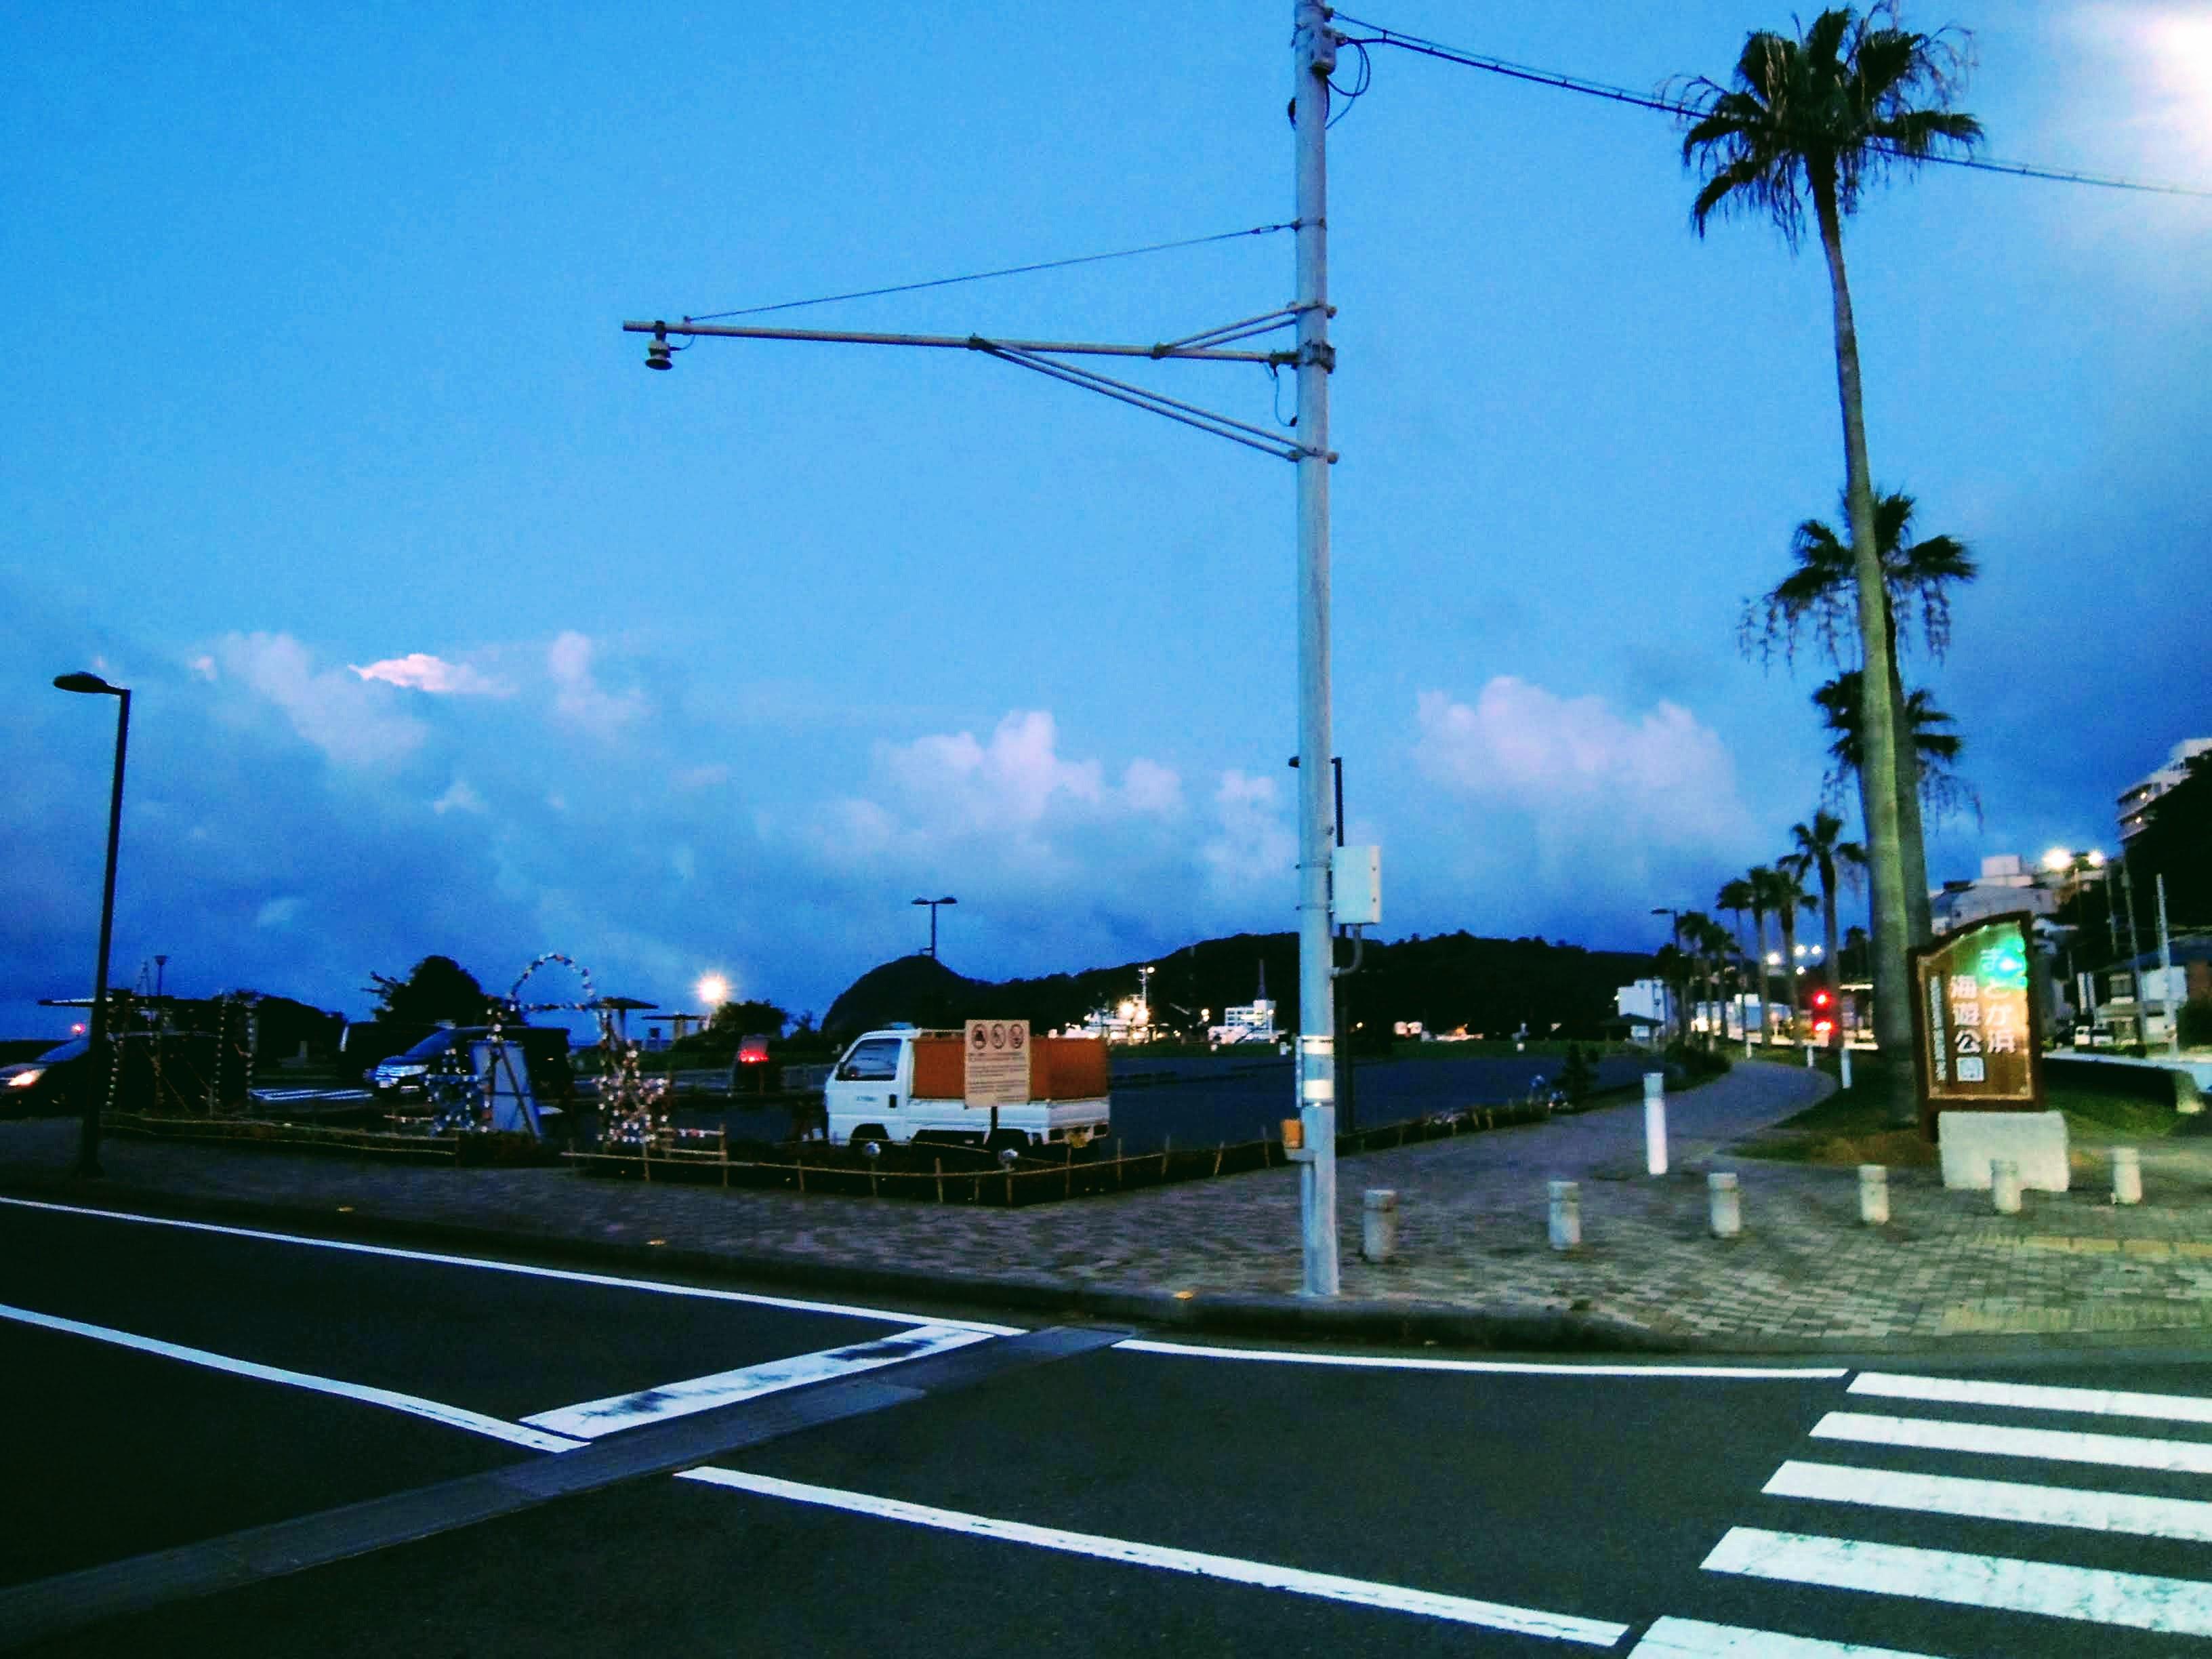 夜明け前の街を走り抜ける